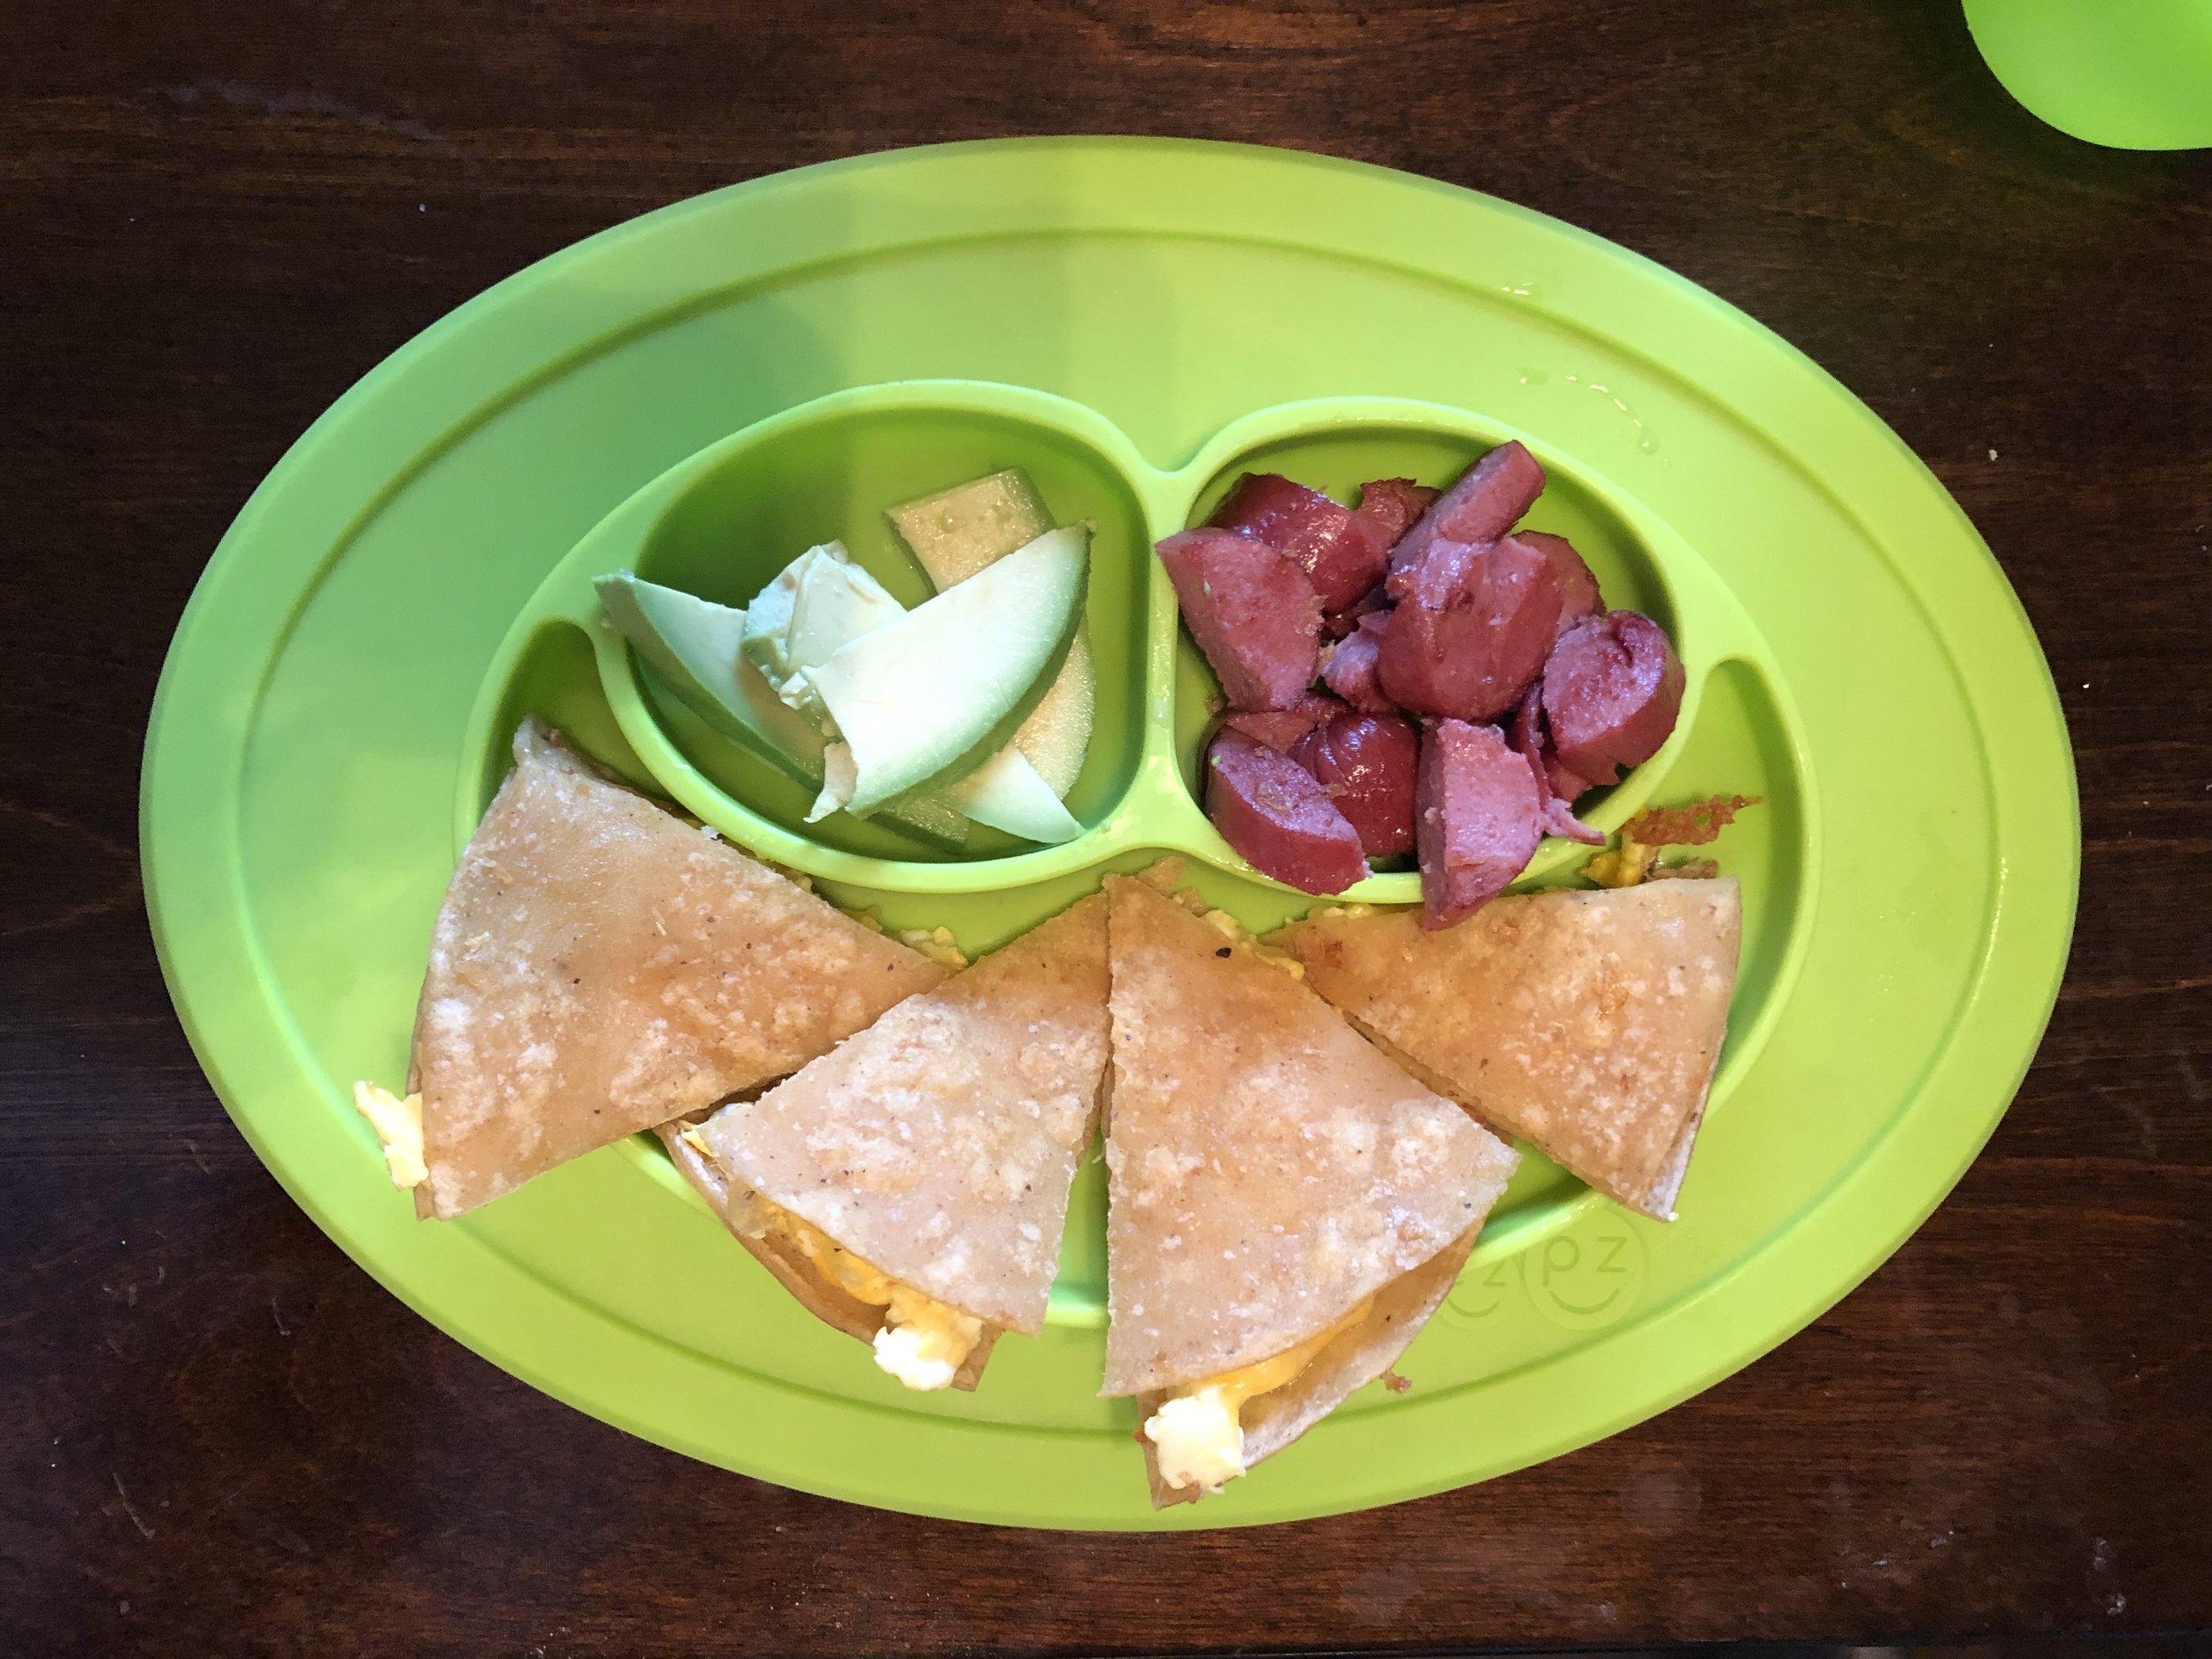 quesadilla, beef hot dog and avocado